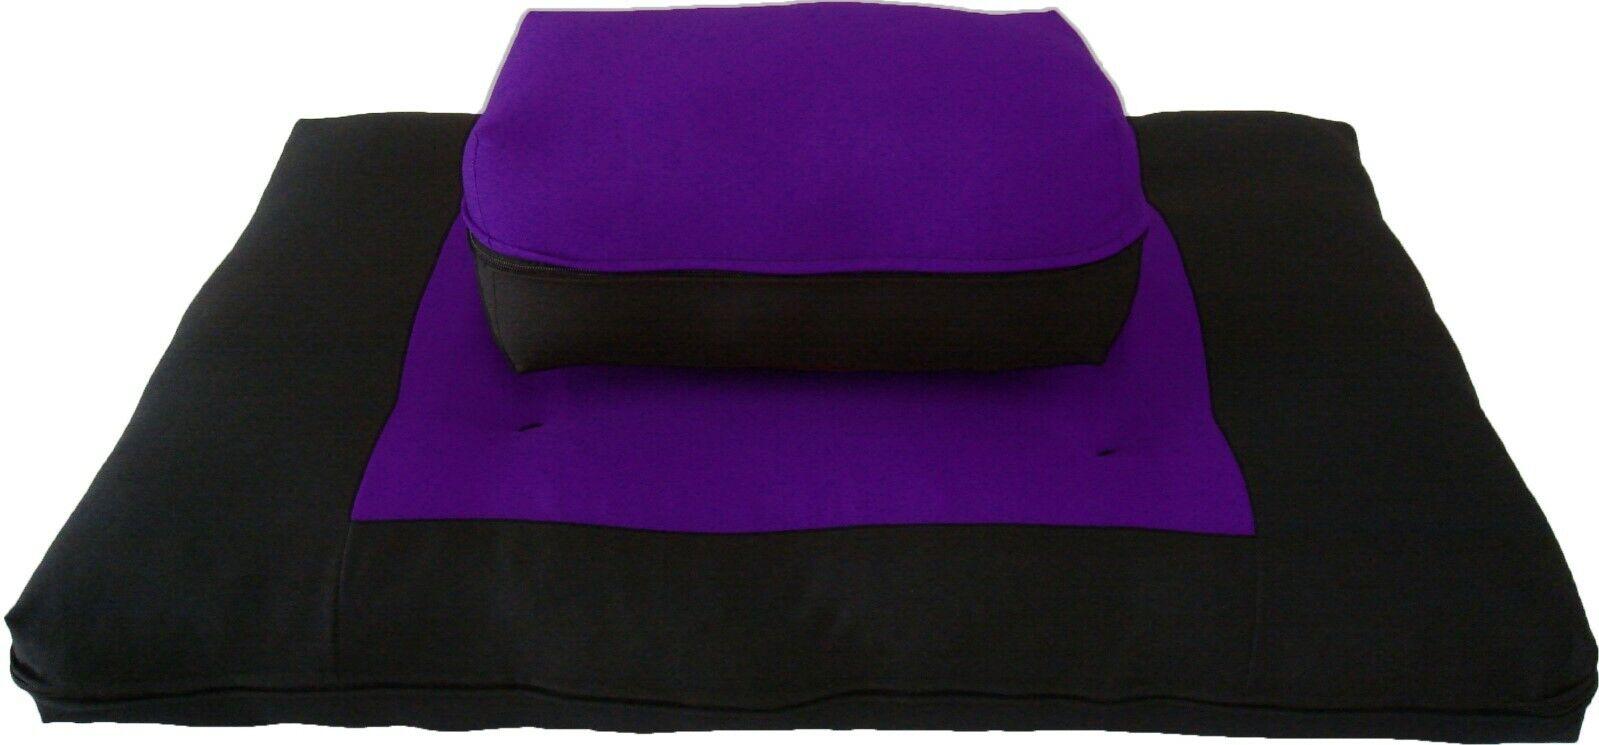 Zafu Zabuton Set, Cotton Cushions, Mats, Seats, Yoga Meditation Black/Purple